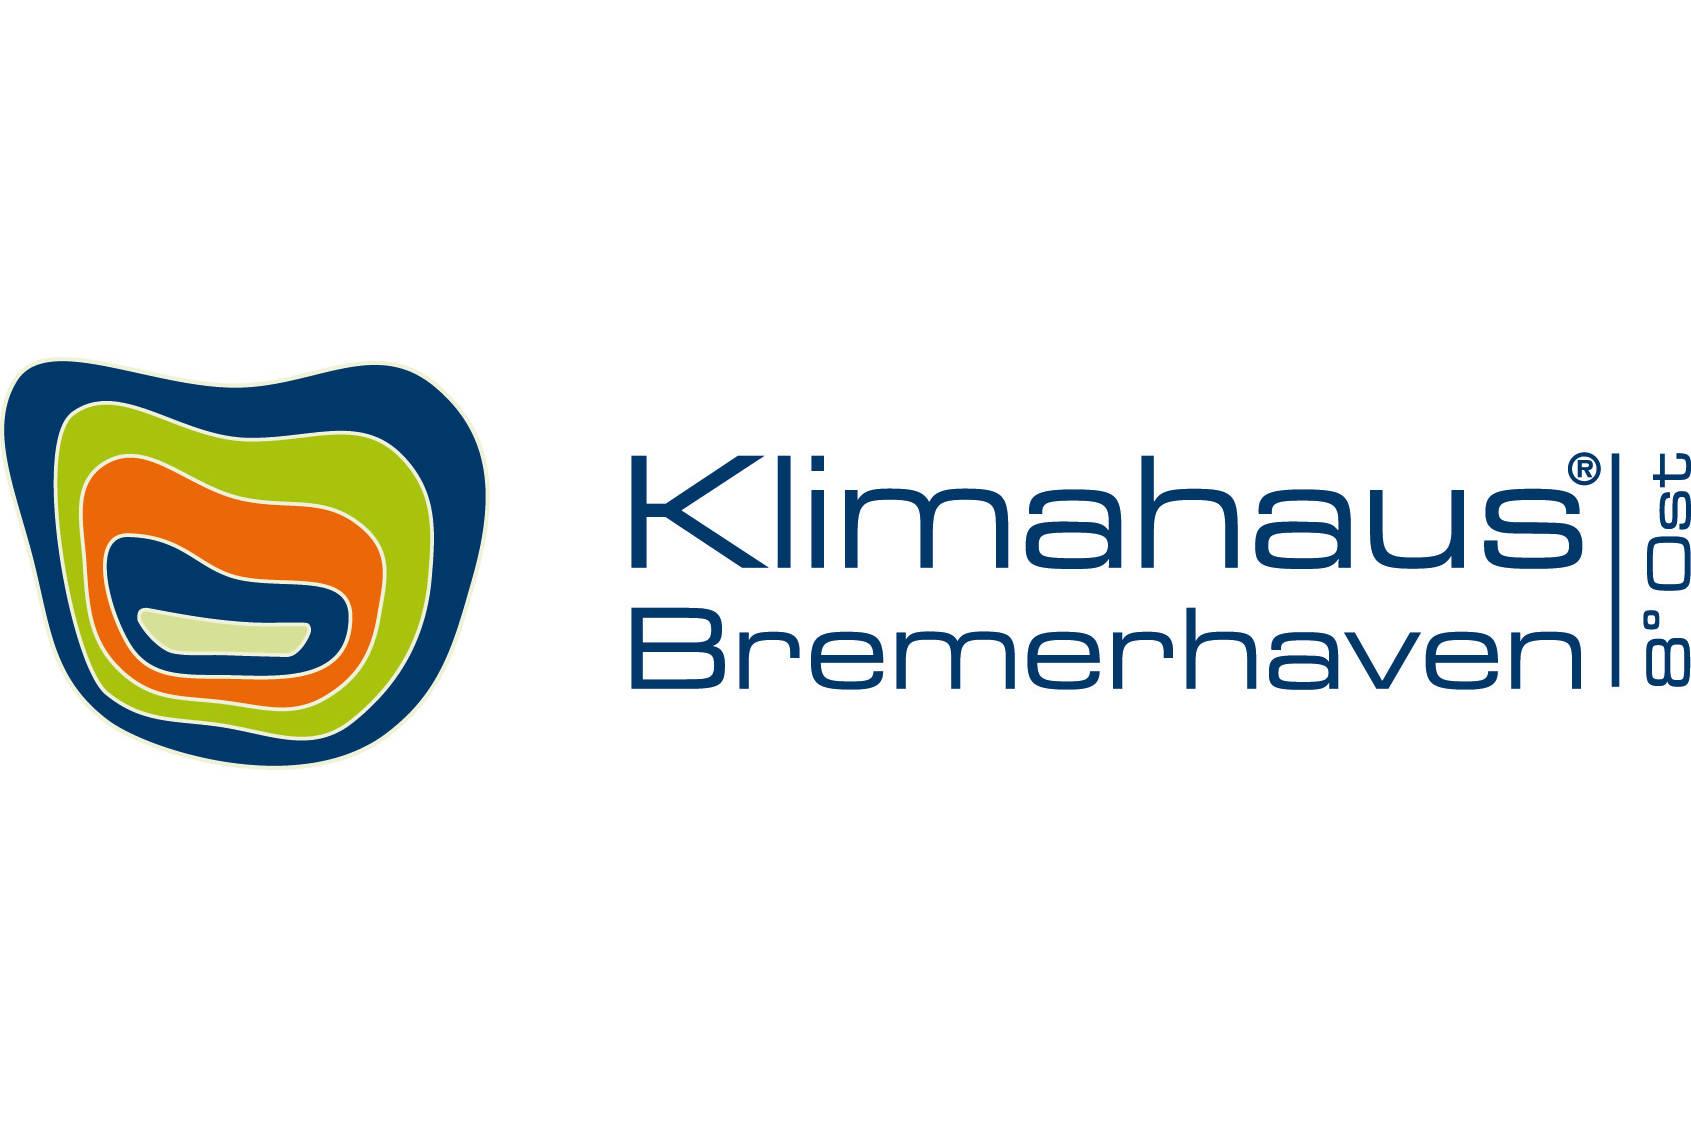 Auf diesem Bild kann man das Logo vom Klimahaus Bremerhaven 8° Ost sehen.